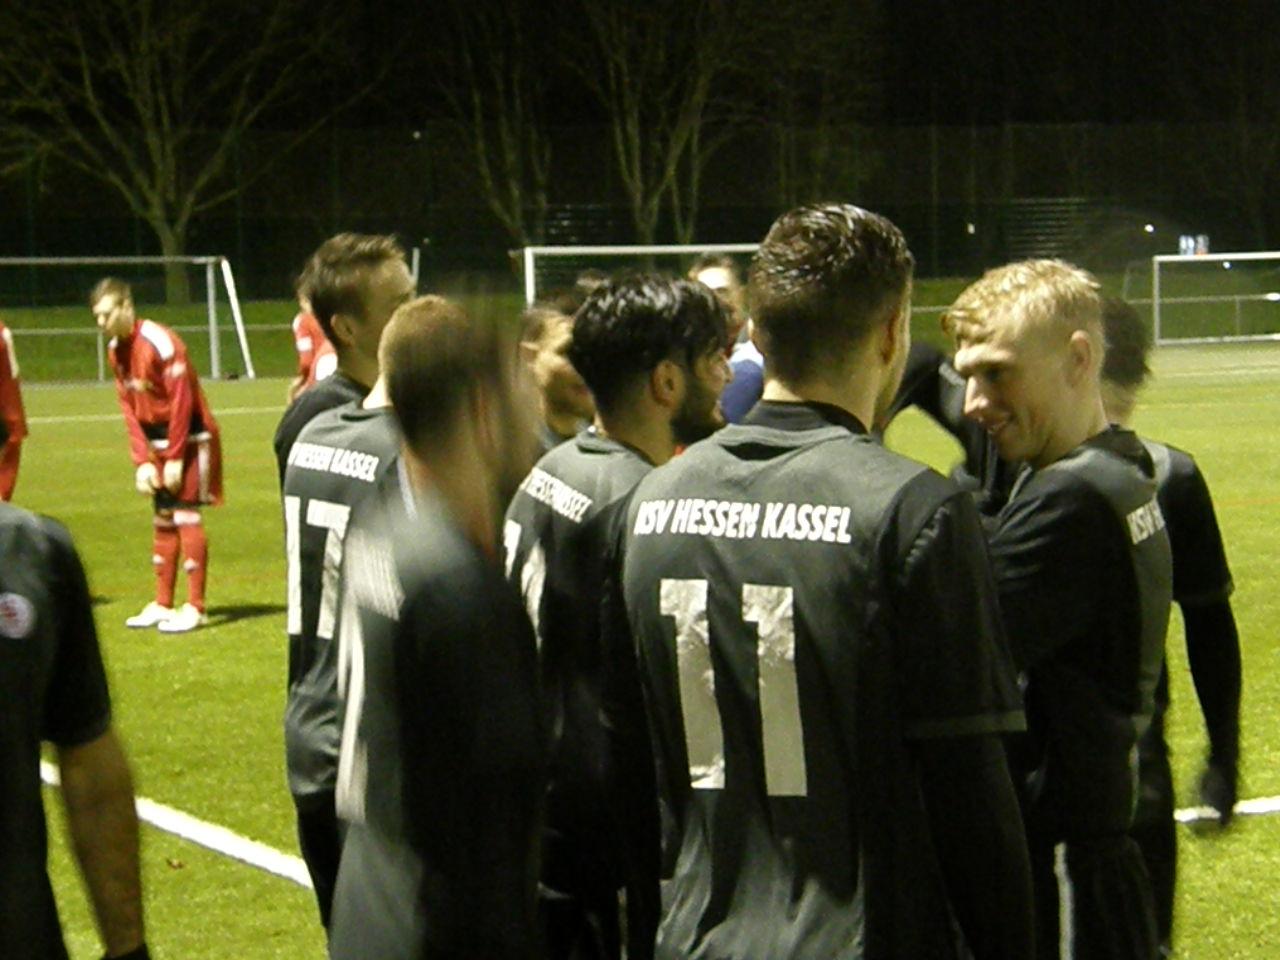 U23 - Hombressen/Udenhausen